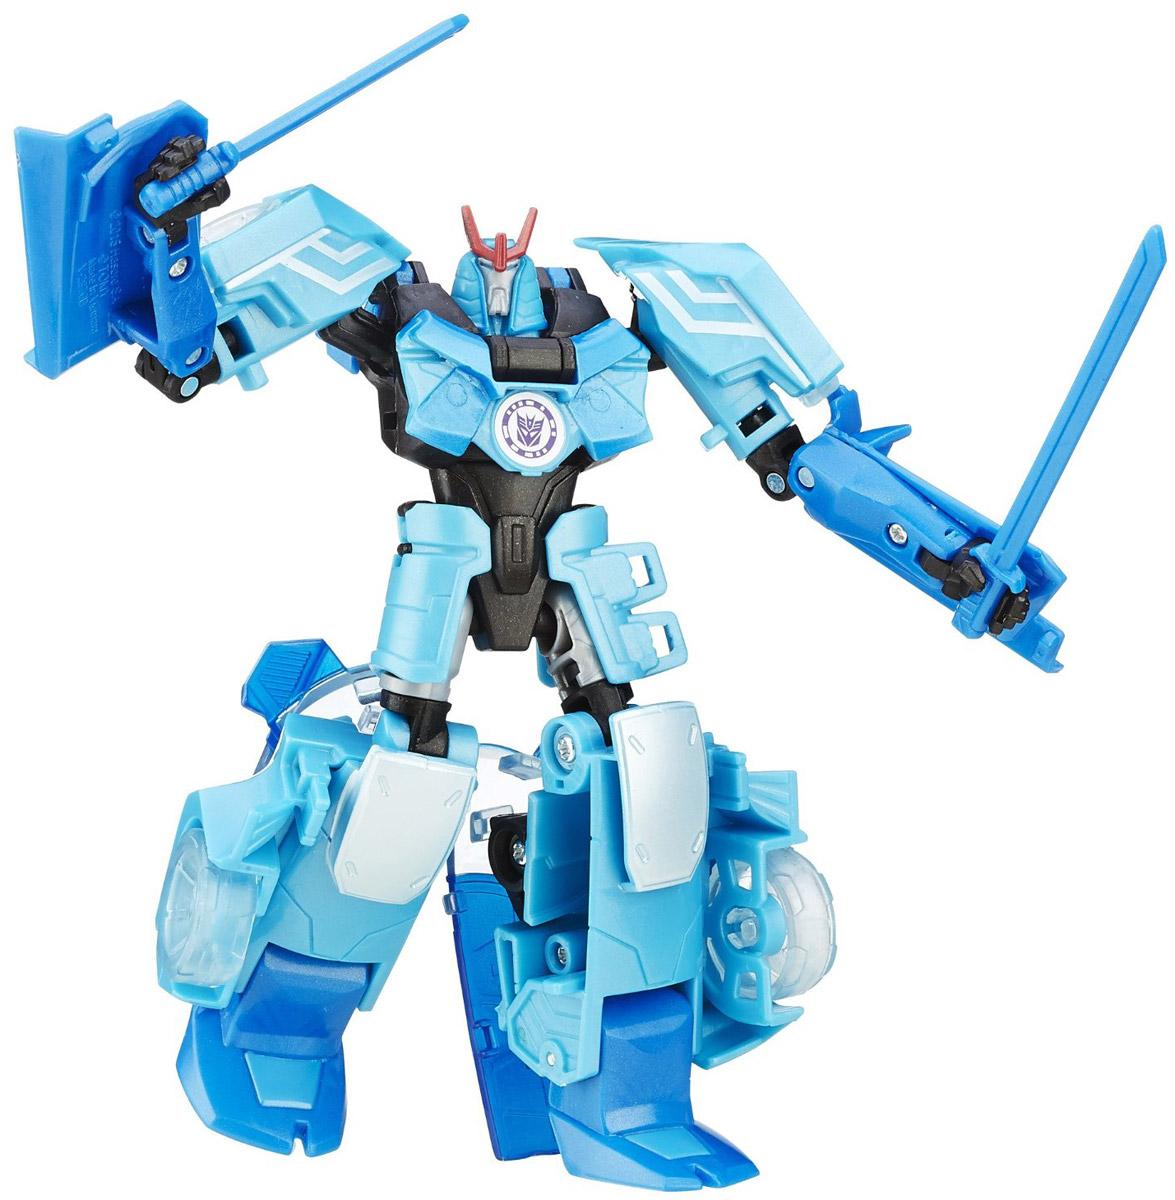 Transformers Трансформер Blizzard Strike Autobot DriftB0070_B5598Трансформер Transformers Blizzard Strike Autobot Drift обязательно привлечет внимание всех юных поклонников знаменитых Трансформеров! Фигурка выполнена из прочного пластика в виде трансформера-Автобота Дрифта. Руки и ноги робота подвижны. В несколько простых шагов малыш сможет трансформировать фигурку робота в полноценную машину с двигающимися колесами. Ребенок с удовольствием будет играть с фигуркой, придумывая разные истории. Порадуйте его таким замечательным подарком! Соберите свою непобедимую команду трансформеров!